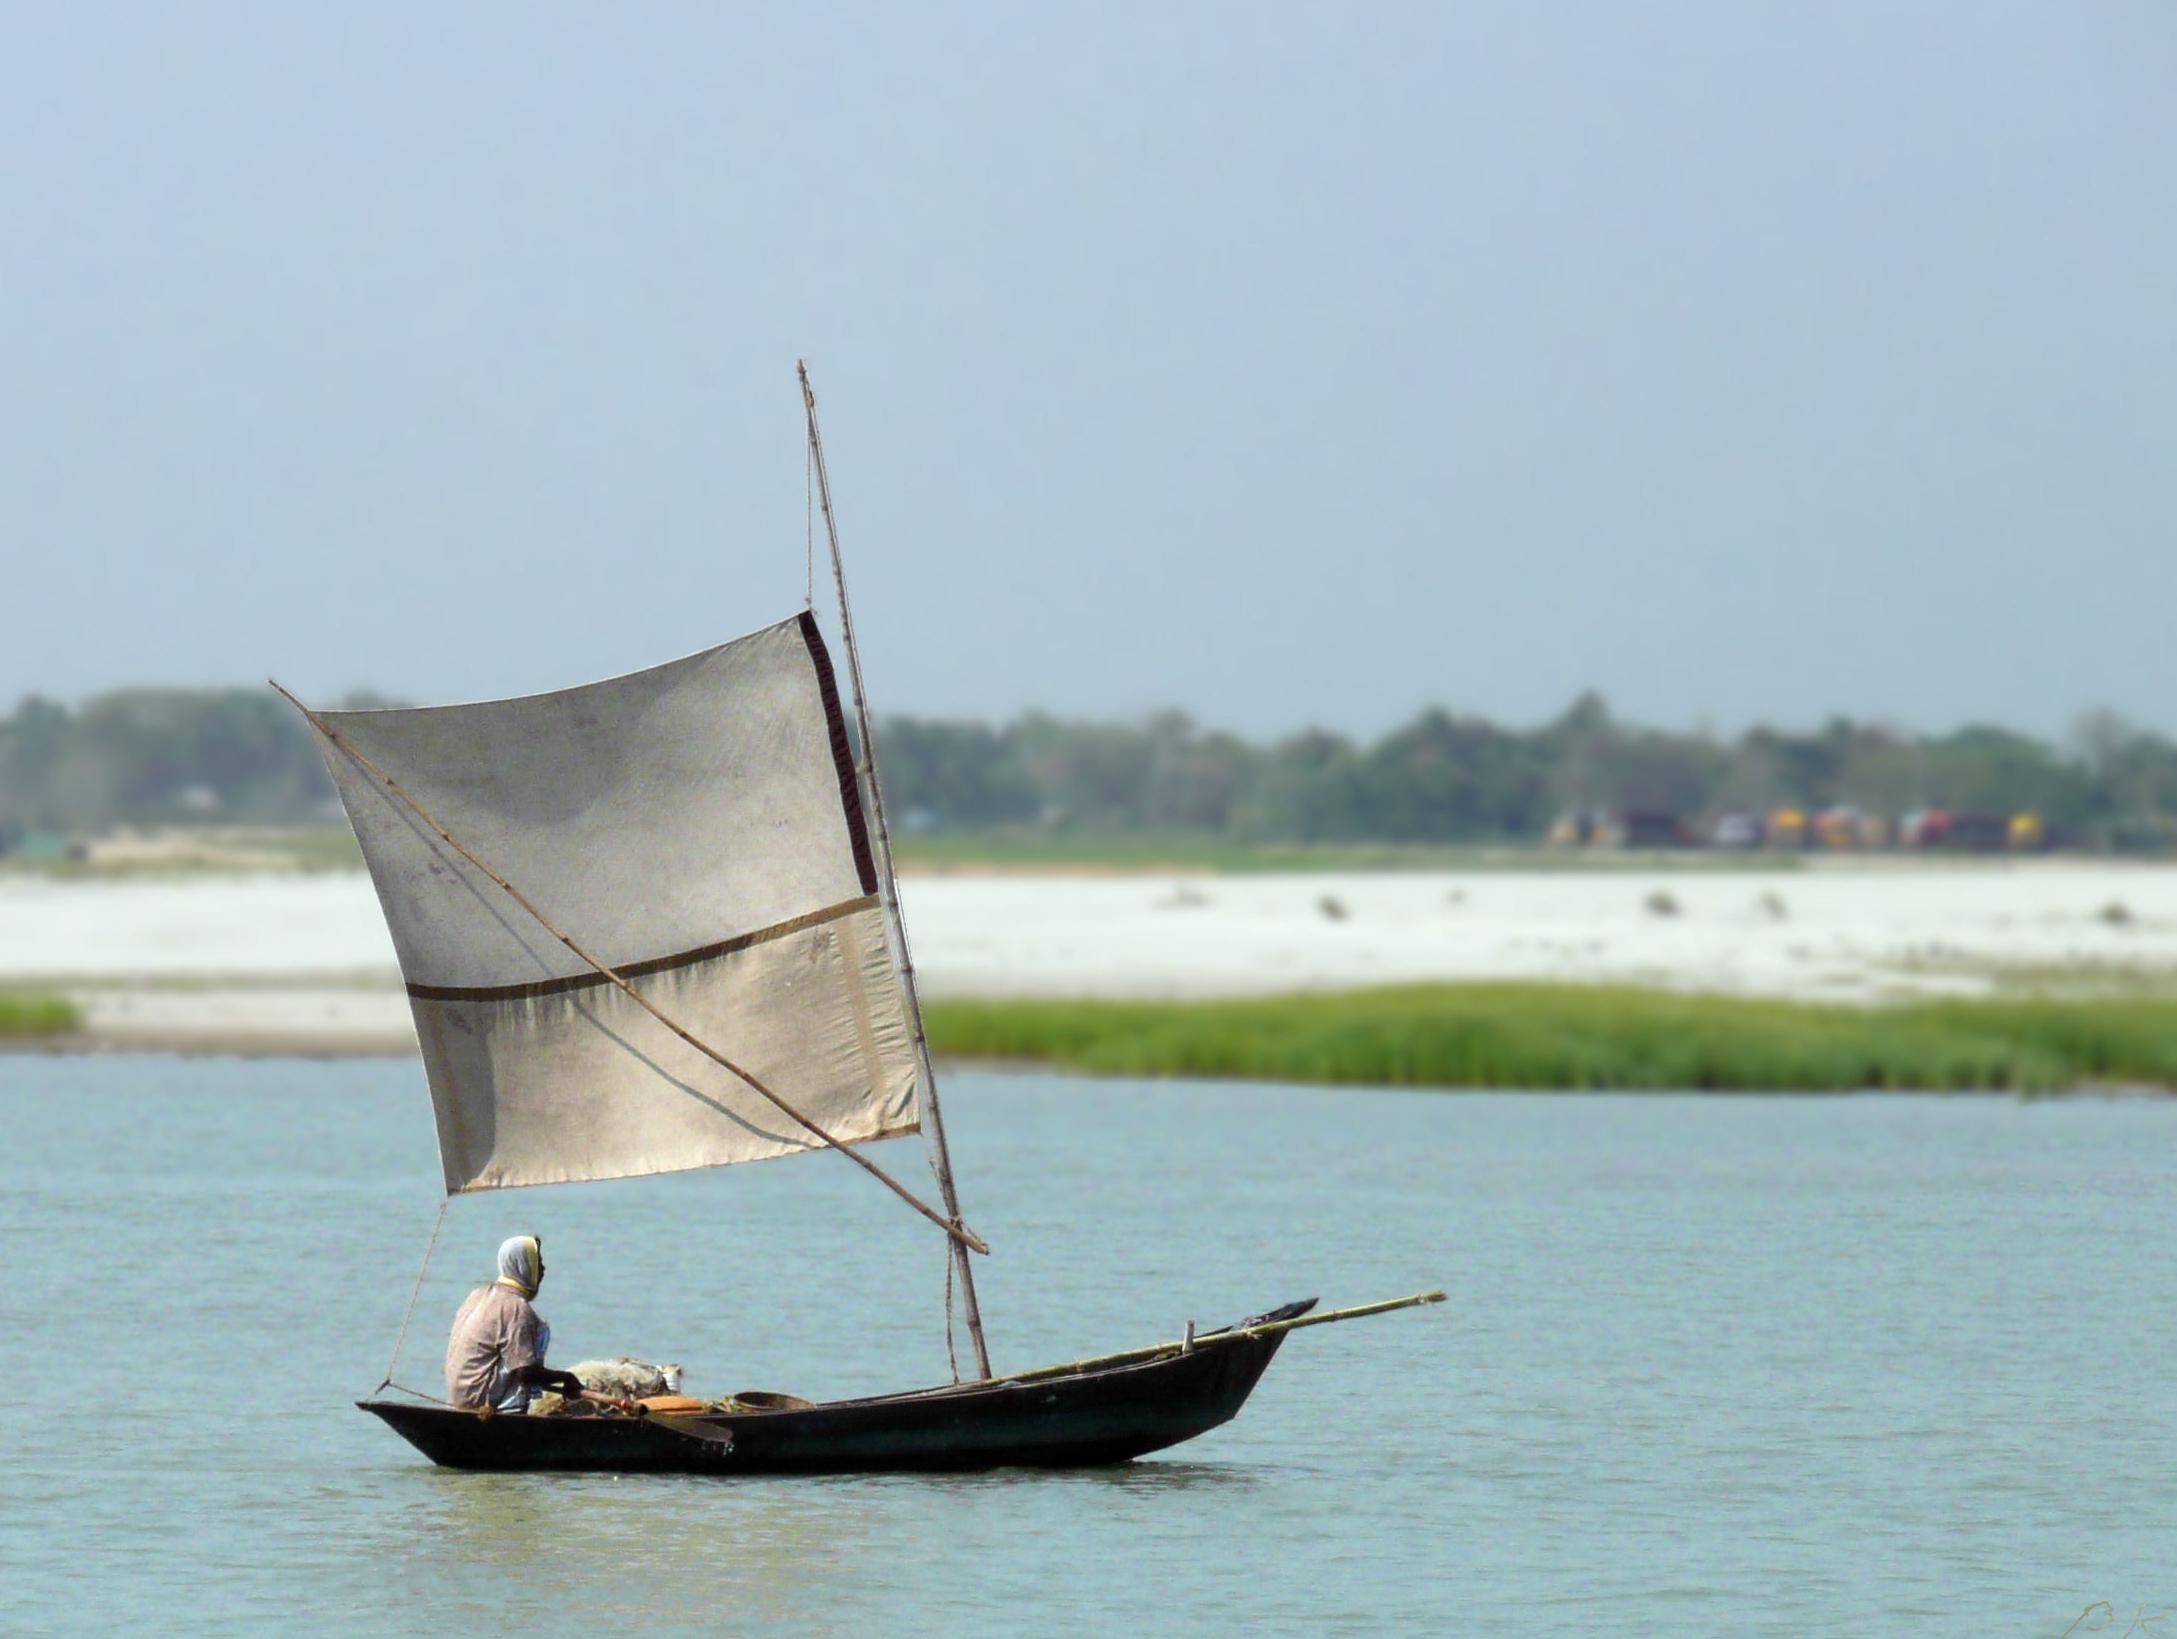 Boat_Sailing_up_Padma_River_Bangladesh